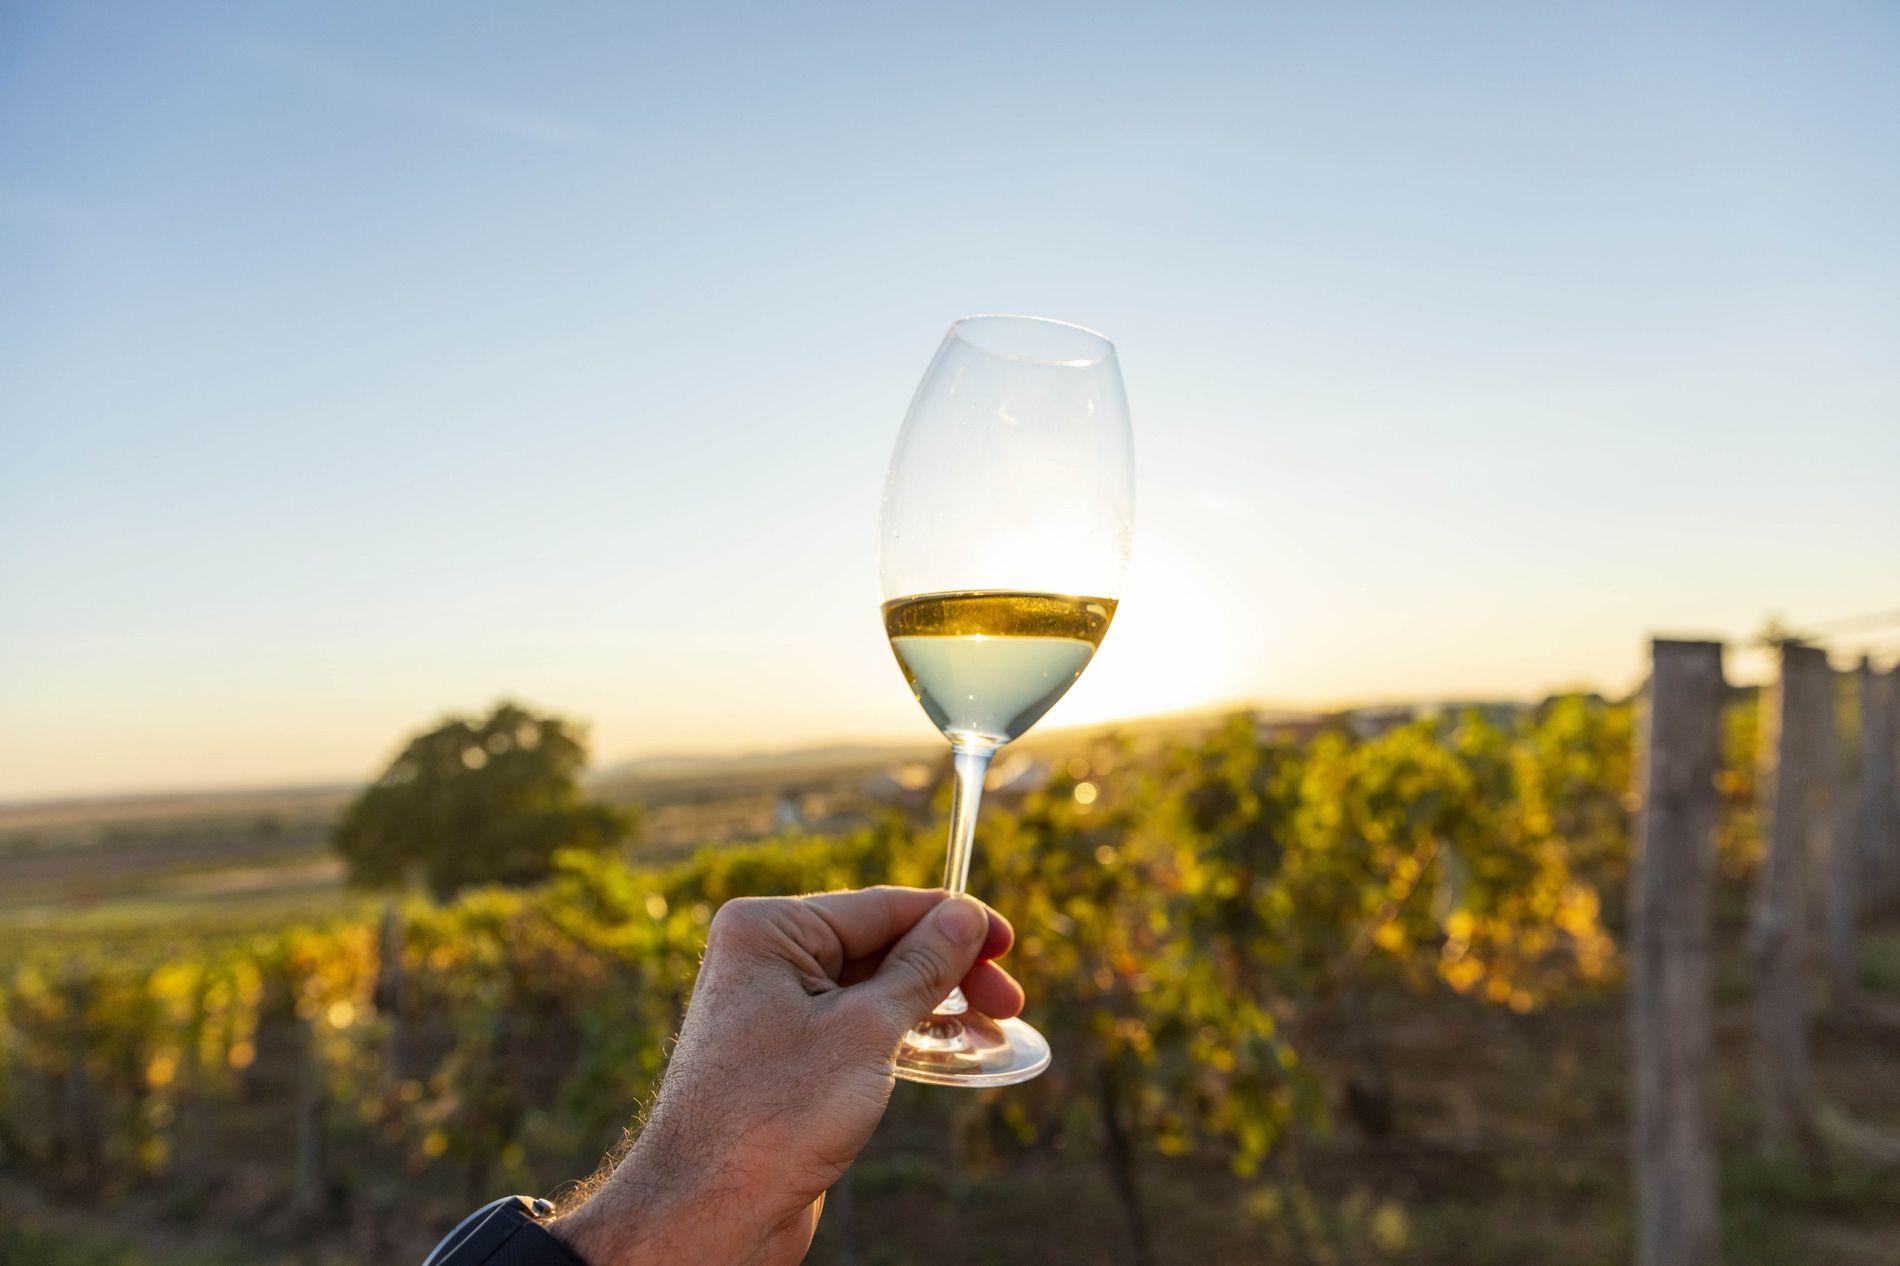 Ein Winzer genießt in seinem Weinberg ein Glas Tokajer. Die Wetterbedingungen der Region bestimmen, ob ein ...